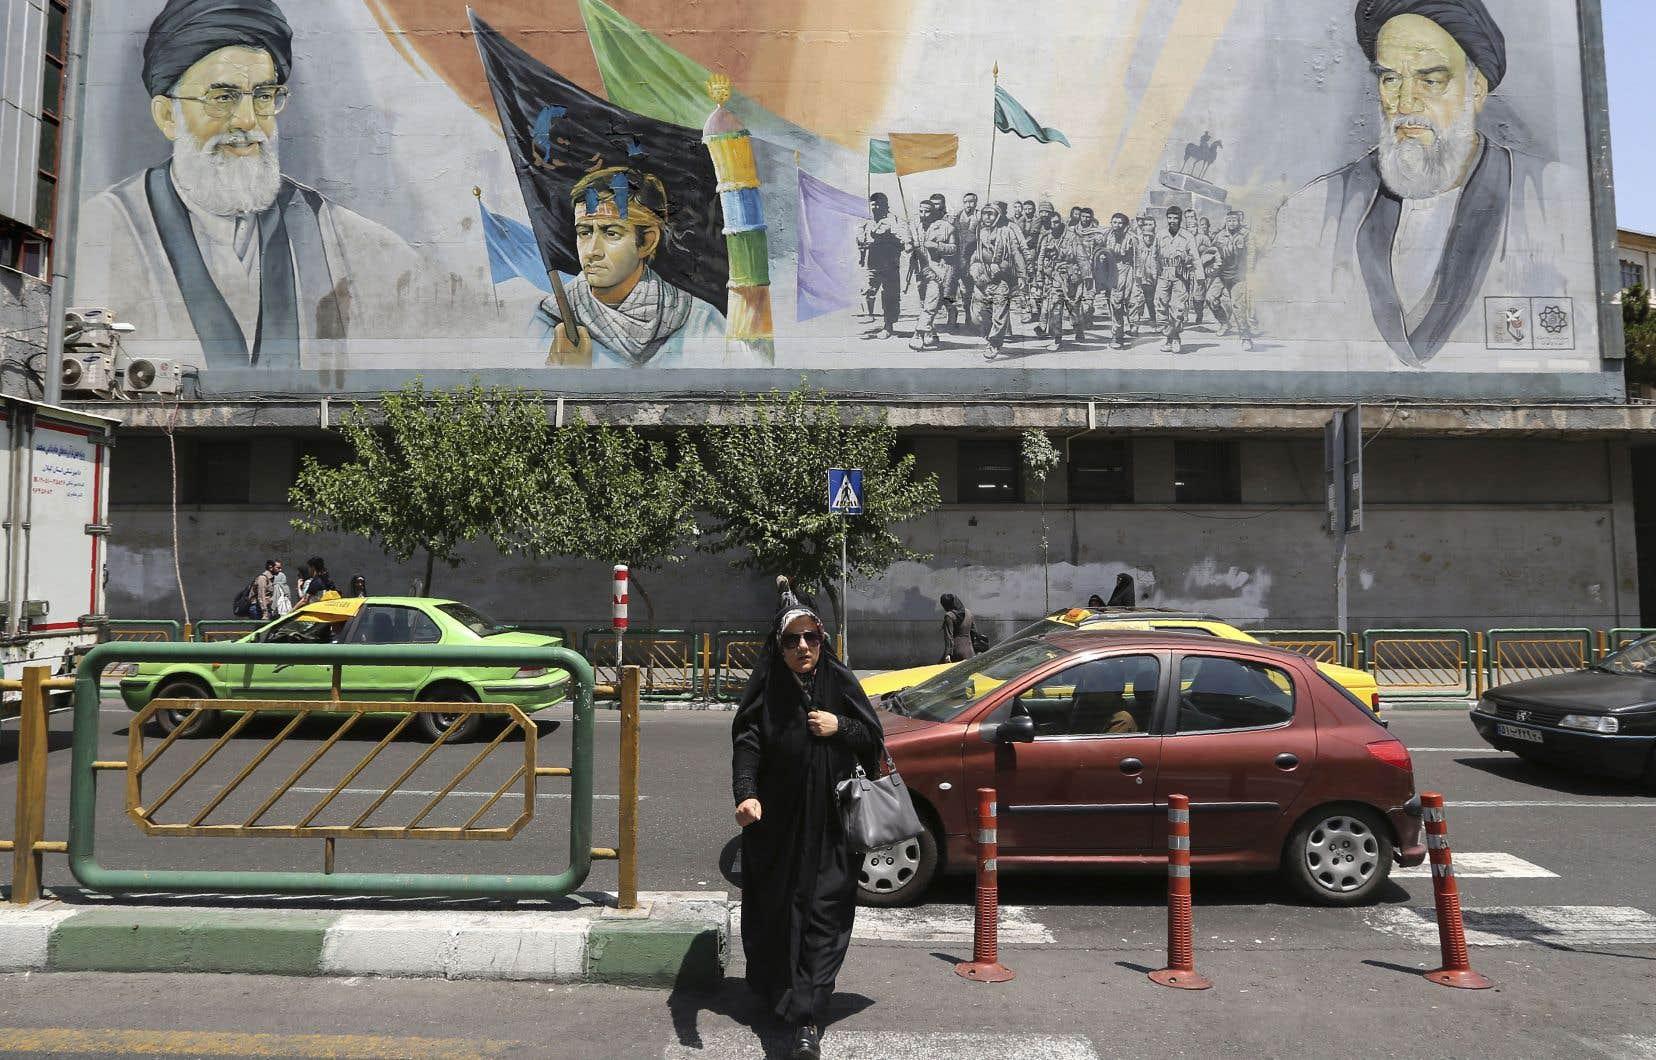 Une murale d'une rue de Téhéran montre les visages du guide suprême actuel, l'ayatollah Ali Khamenei (dans le coin gauche), et du guide de la Révolution islamique d'Iran, l'ayatollah Rouhollah Khomeini.